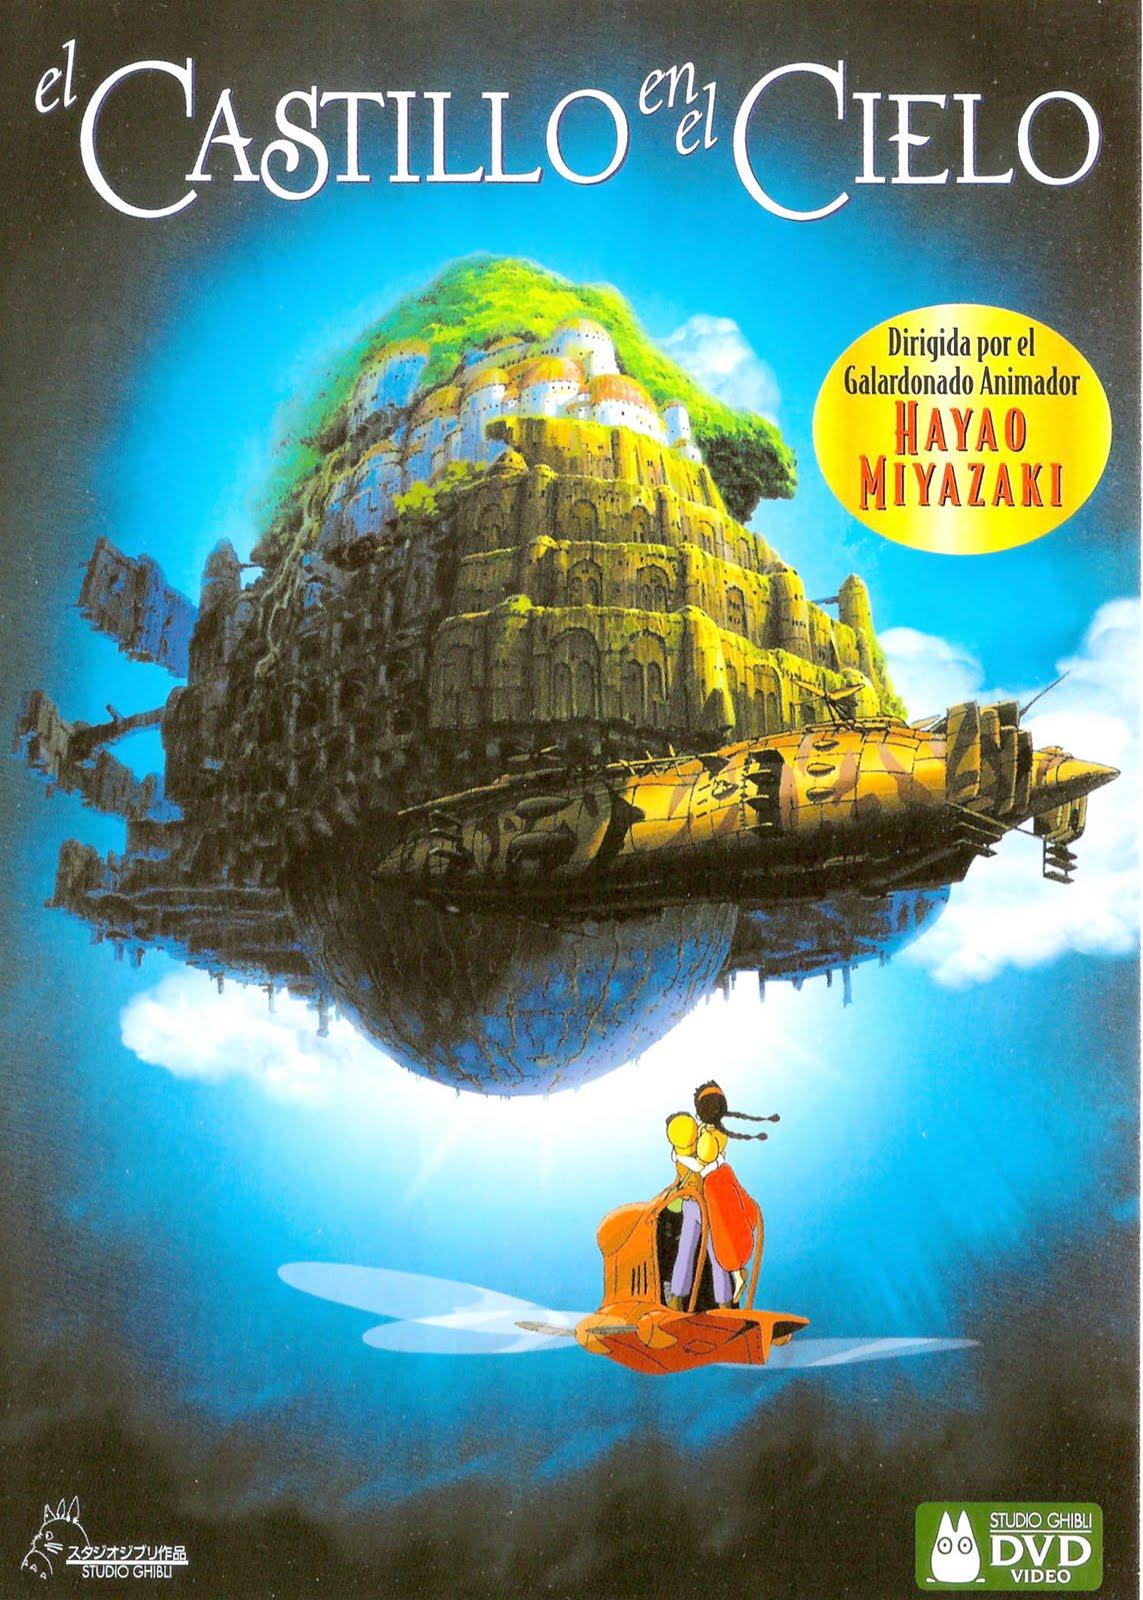 El castillo en el cielo [Película Anime] El%2BCastillo%2BEn%2BEl%2BCielo